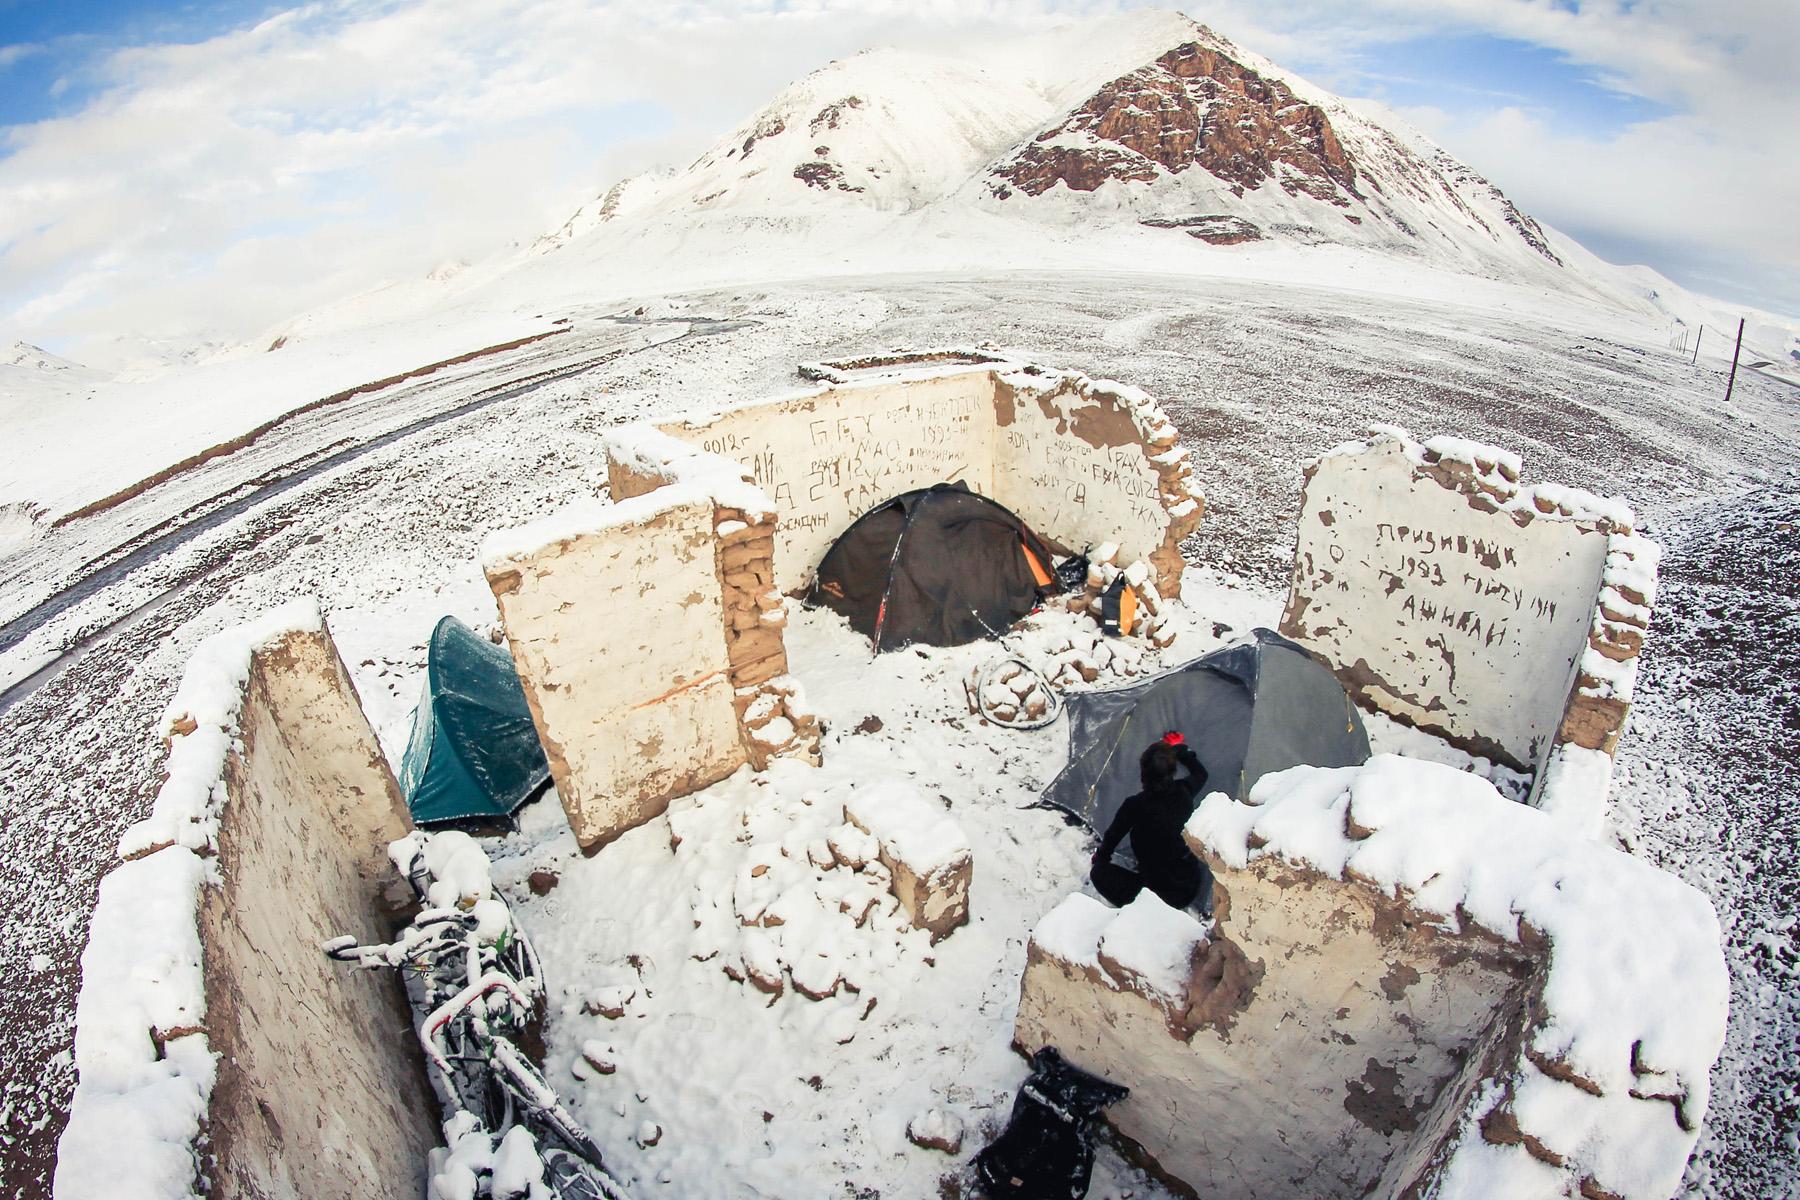 Najlepszy nocleg na dziko w tym roku. Rozbiliśmy się w pozostałościach jakiegoś domu, nieco poniżej przełęczy Ak-Baital 4655 m. npm.